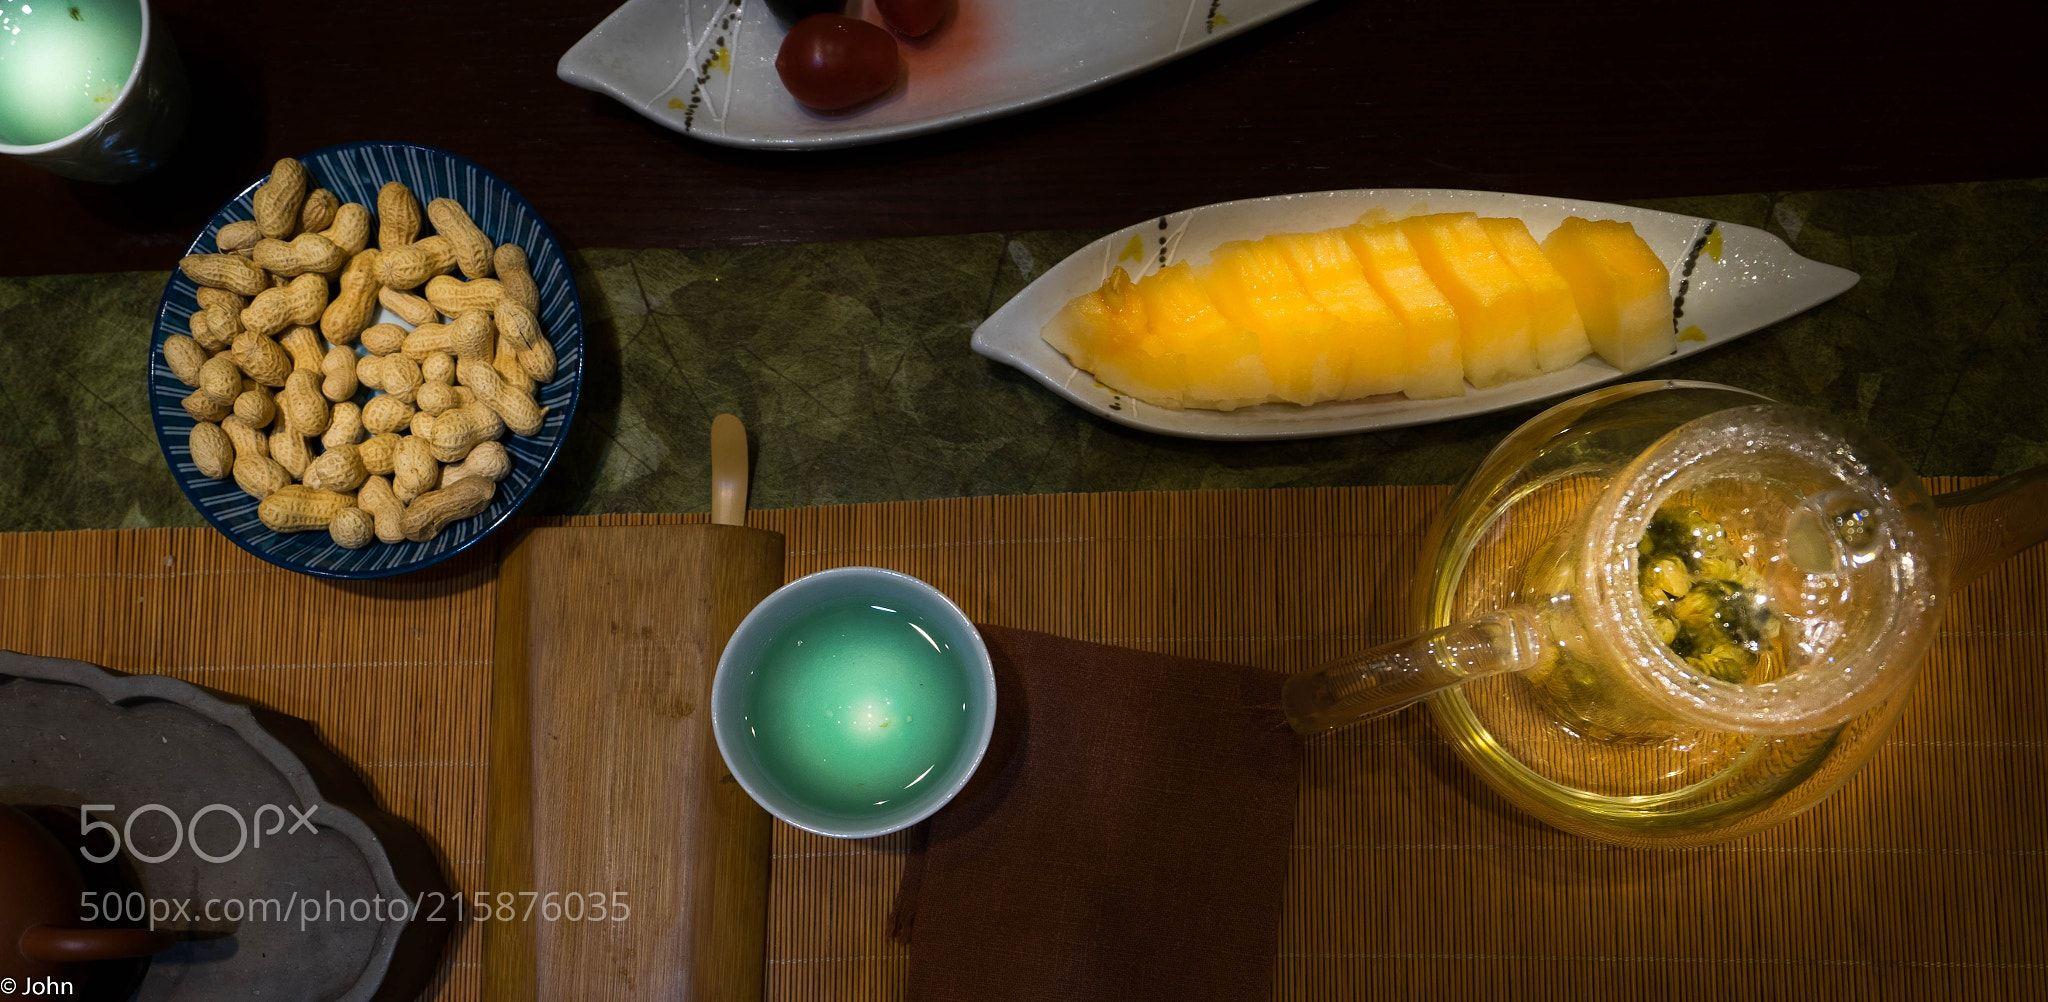 禅茶 (John yang / Ningbo / China) ILCE-7M2 #food #photo #delicious